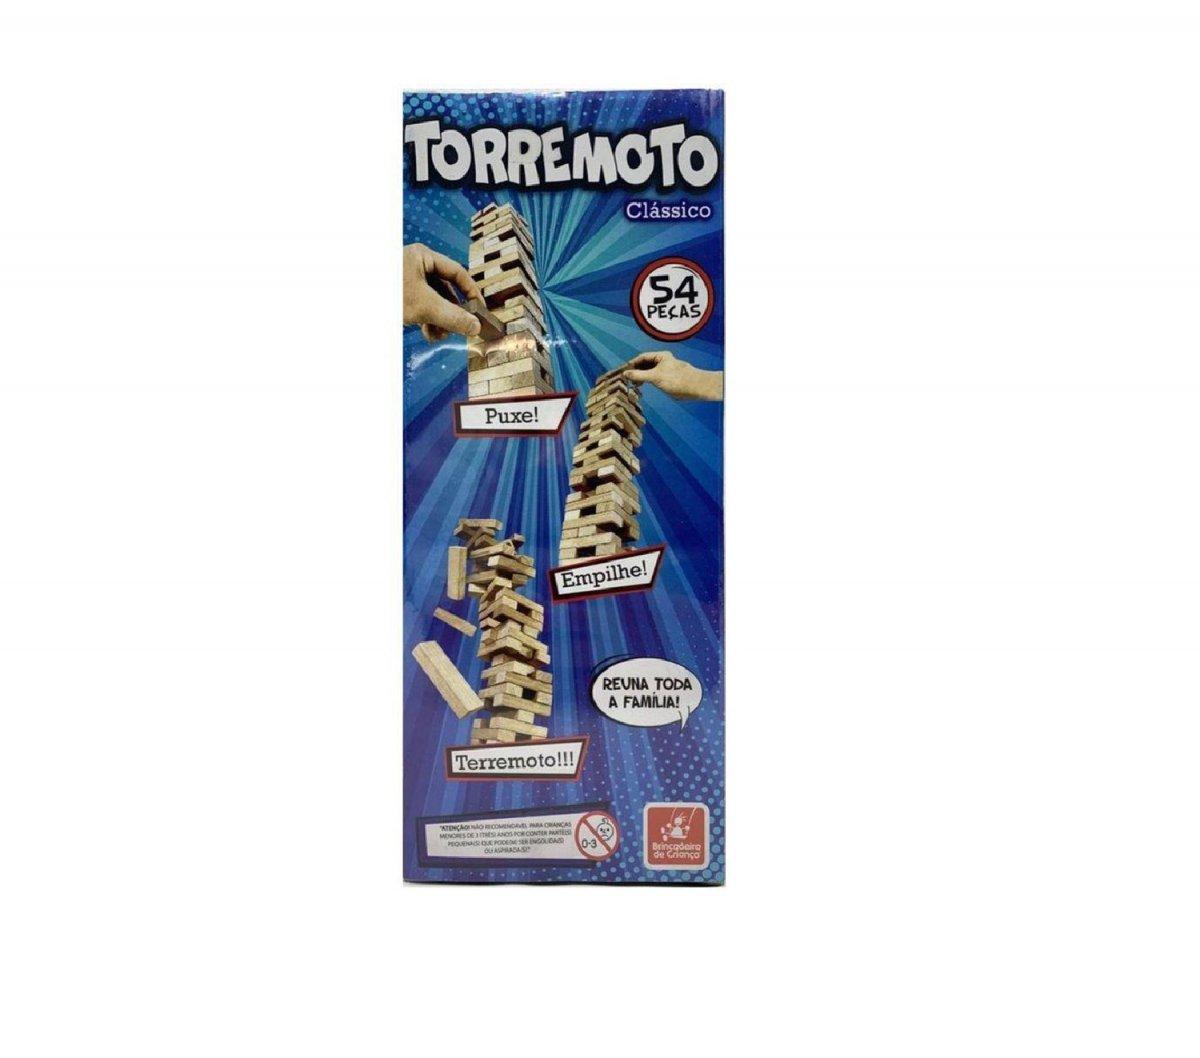 Jogo Torremoto Classico 54 Peças - Brincadeira De Criança 5193